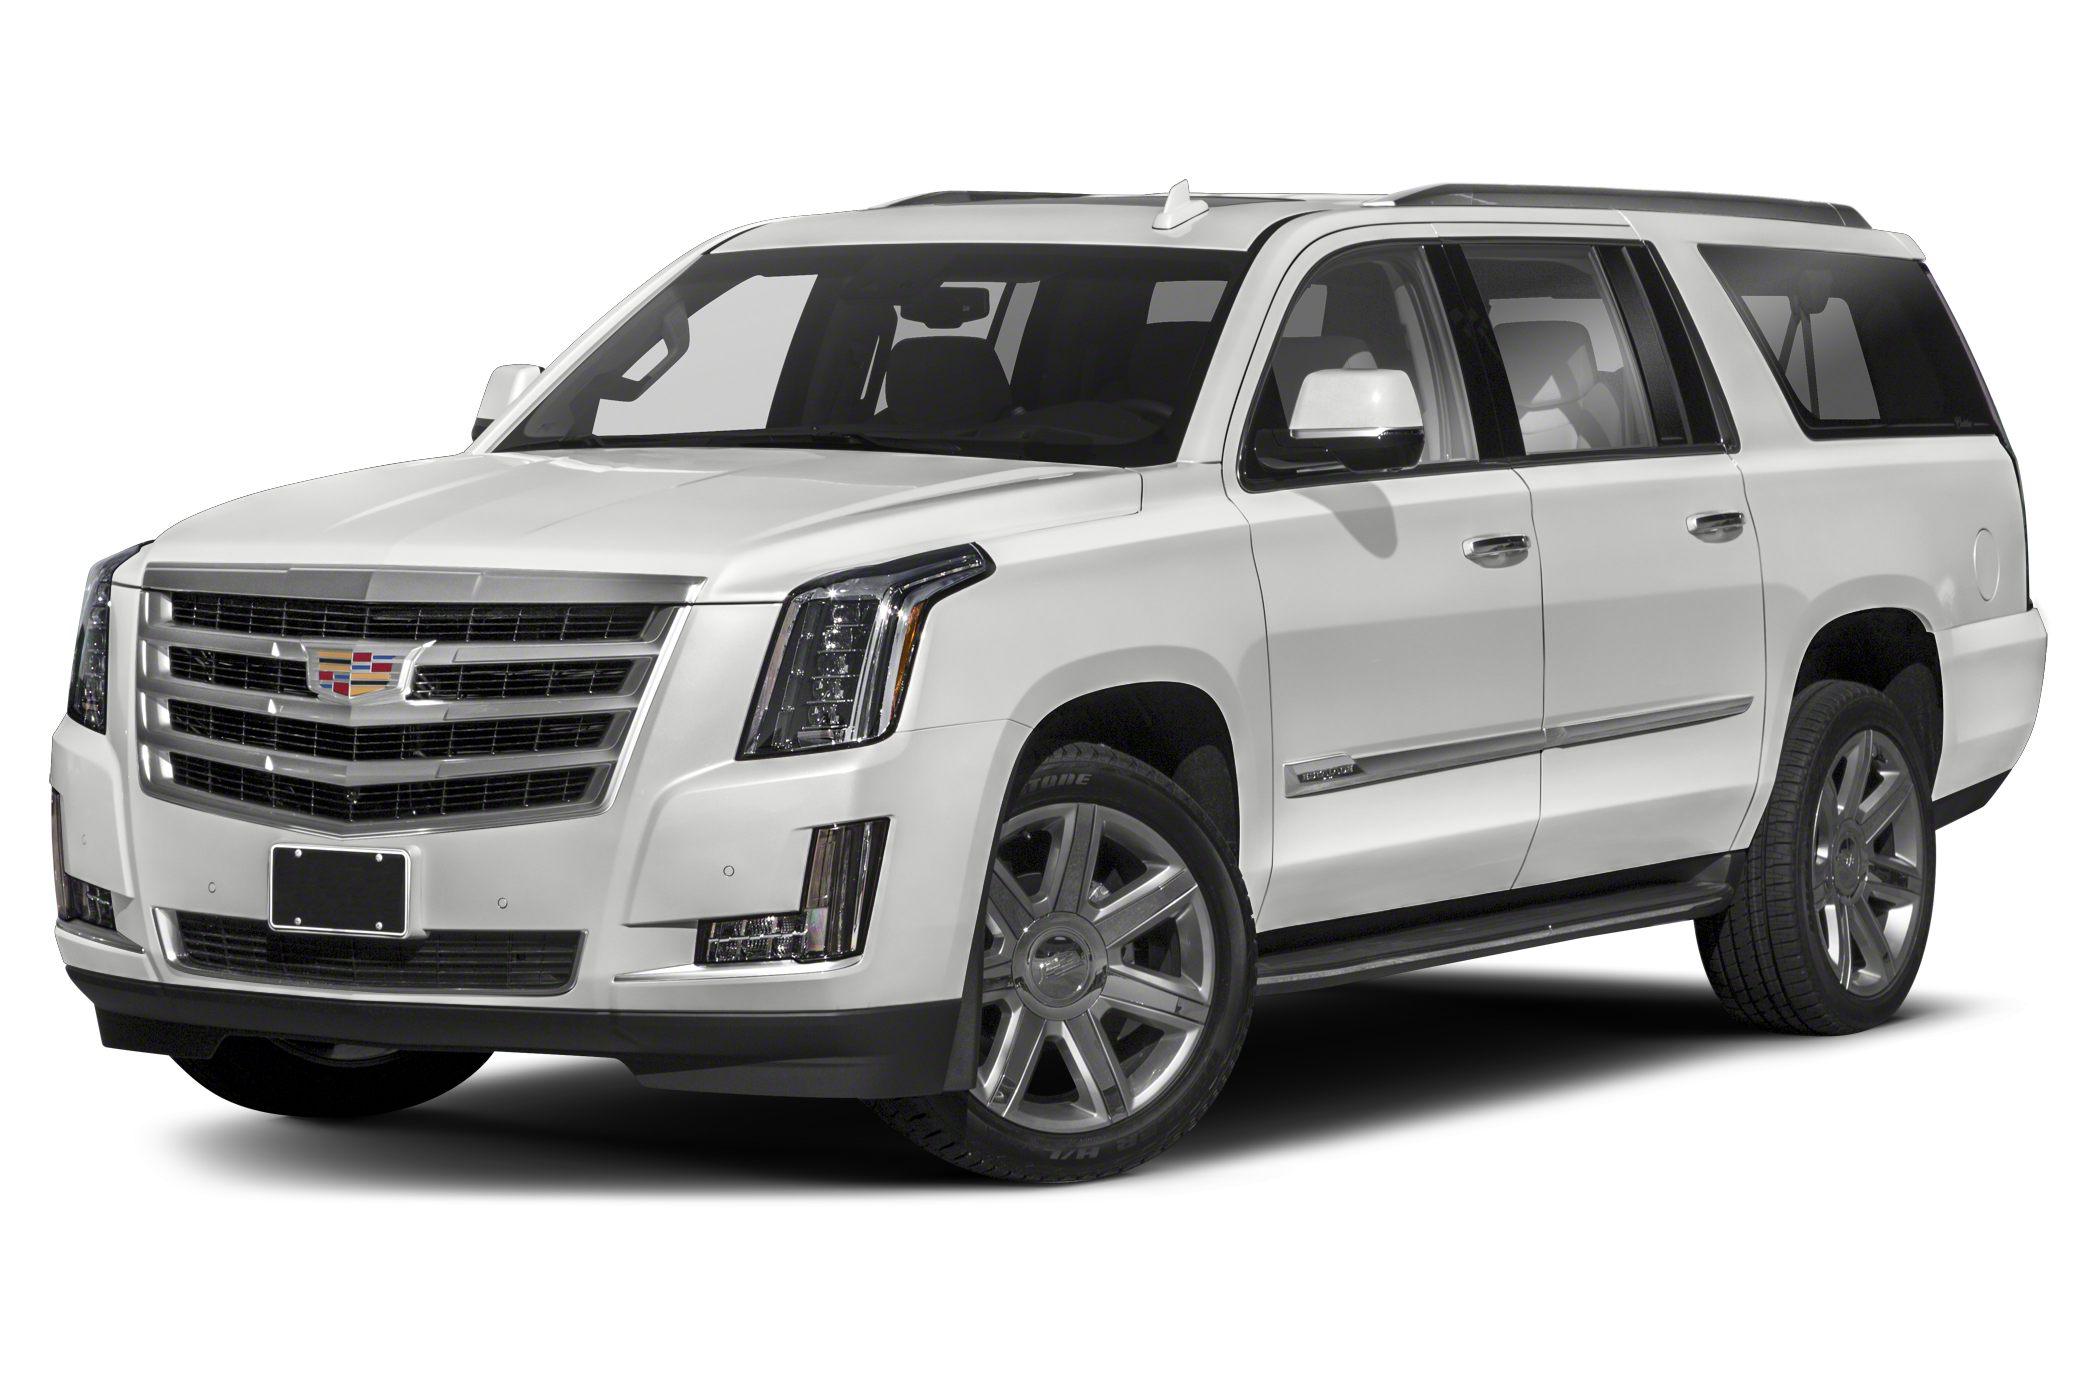 2017 Cadillac Escalade ESV Luxury Finance Offers based on MSRP2017 Cadillac Escalade ESV Luxury 4